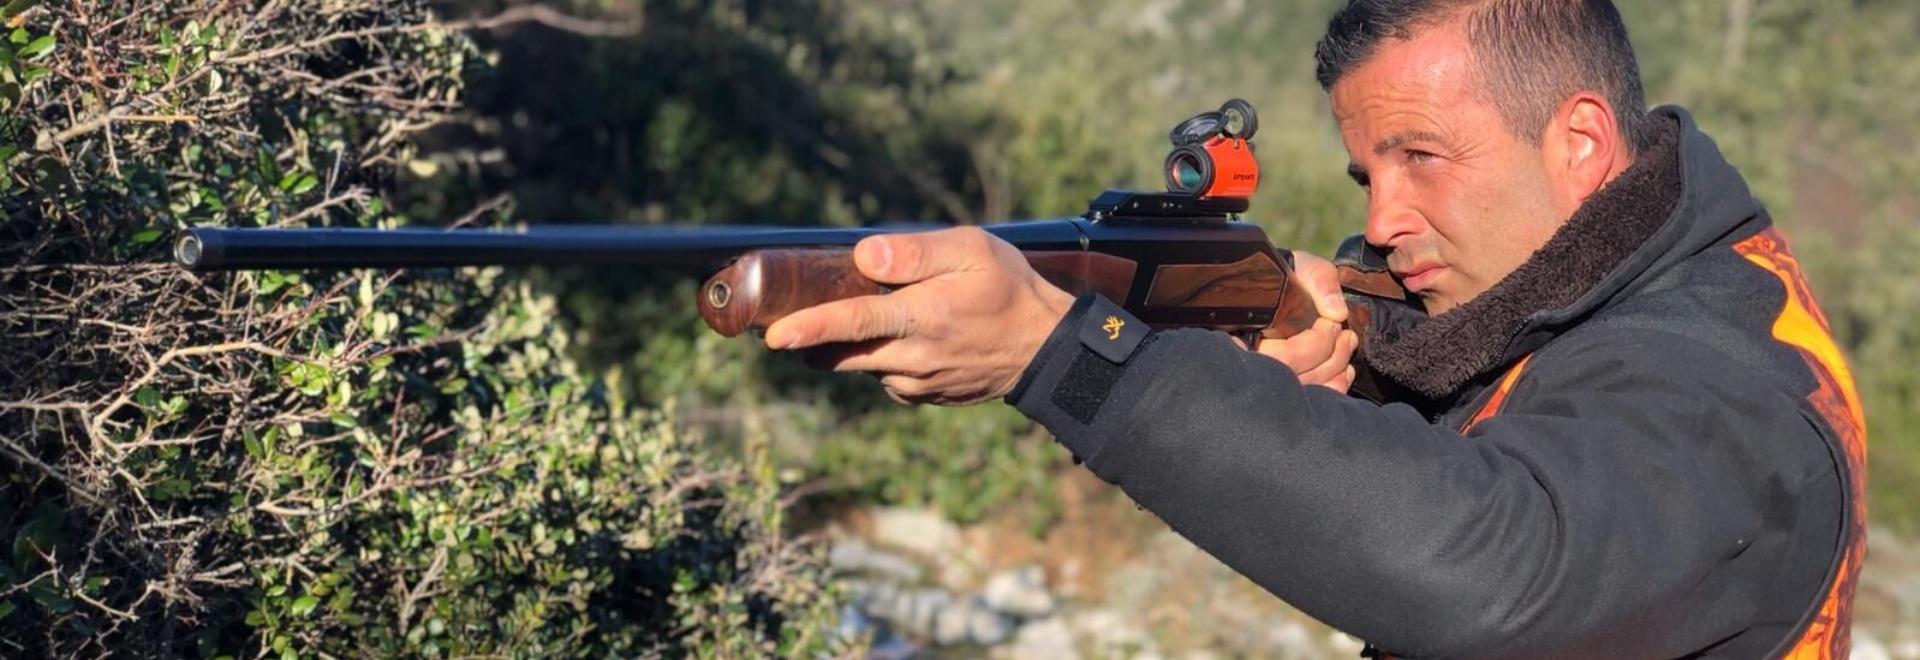 Personalizzazione dell'arma e sicurezza